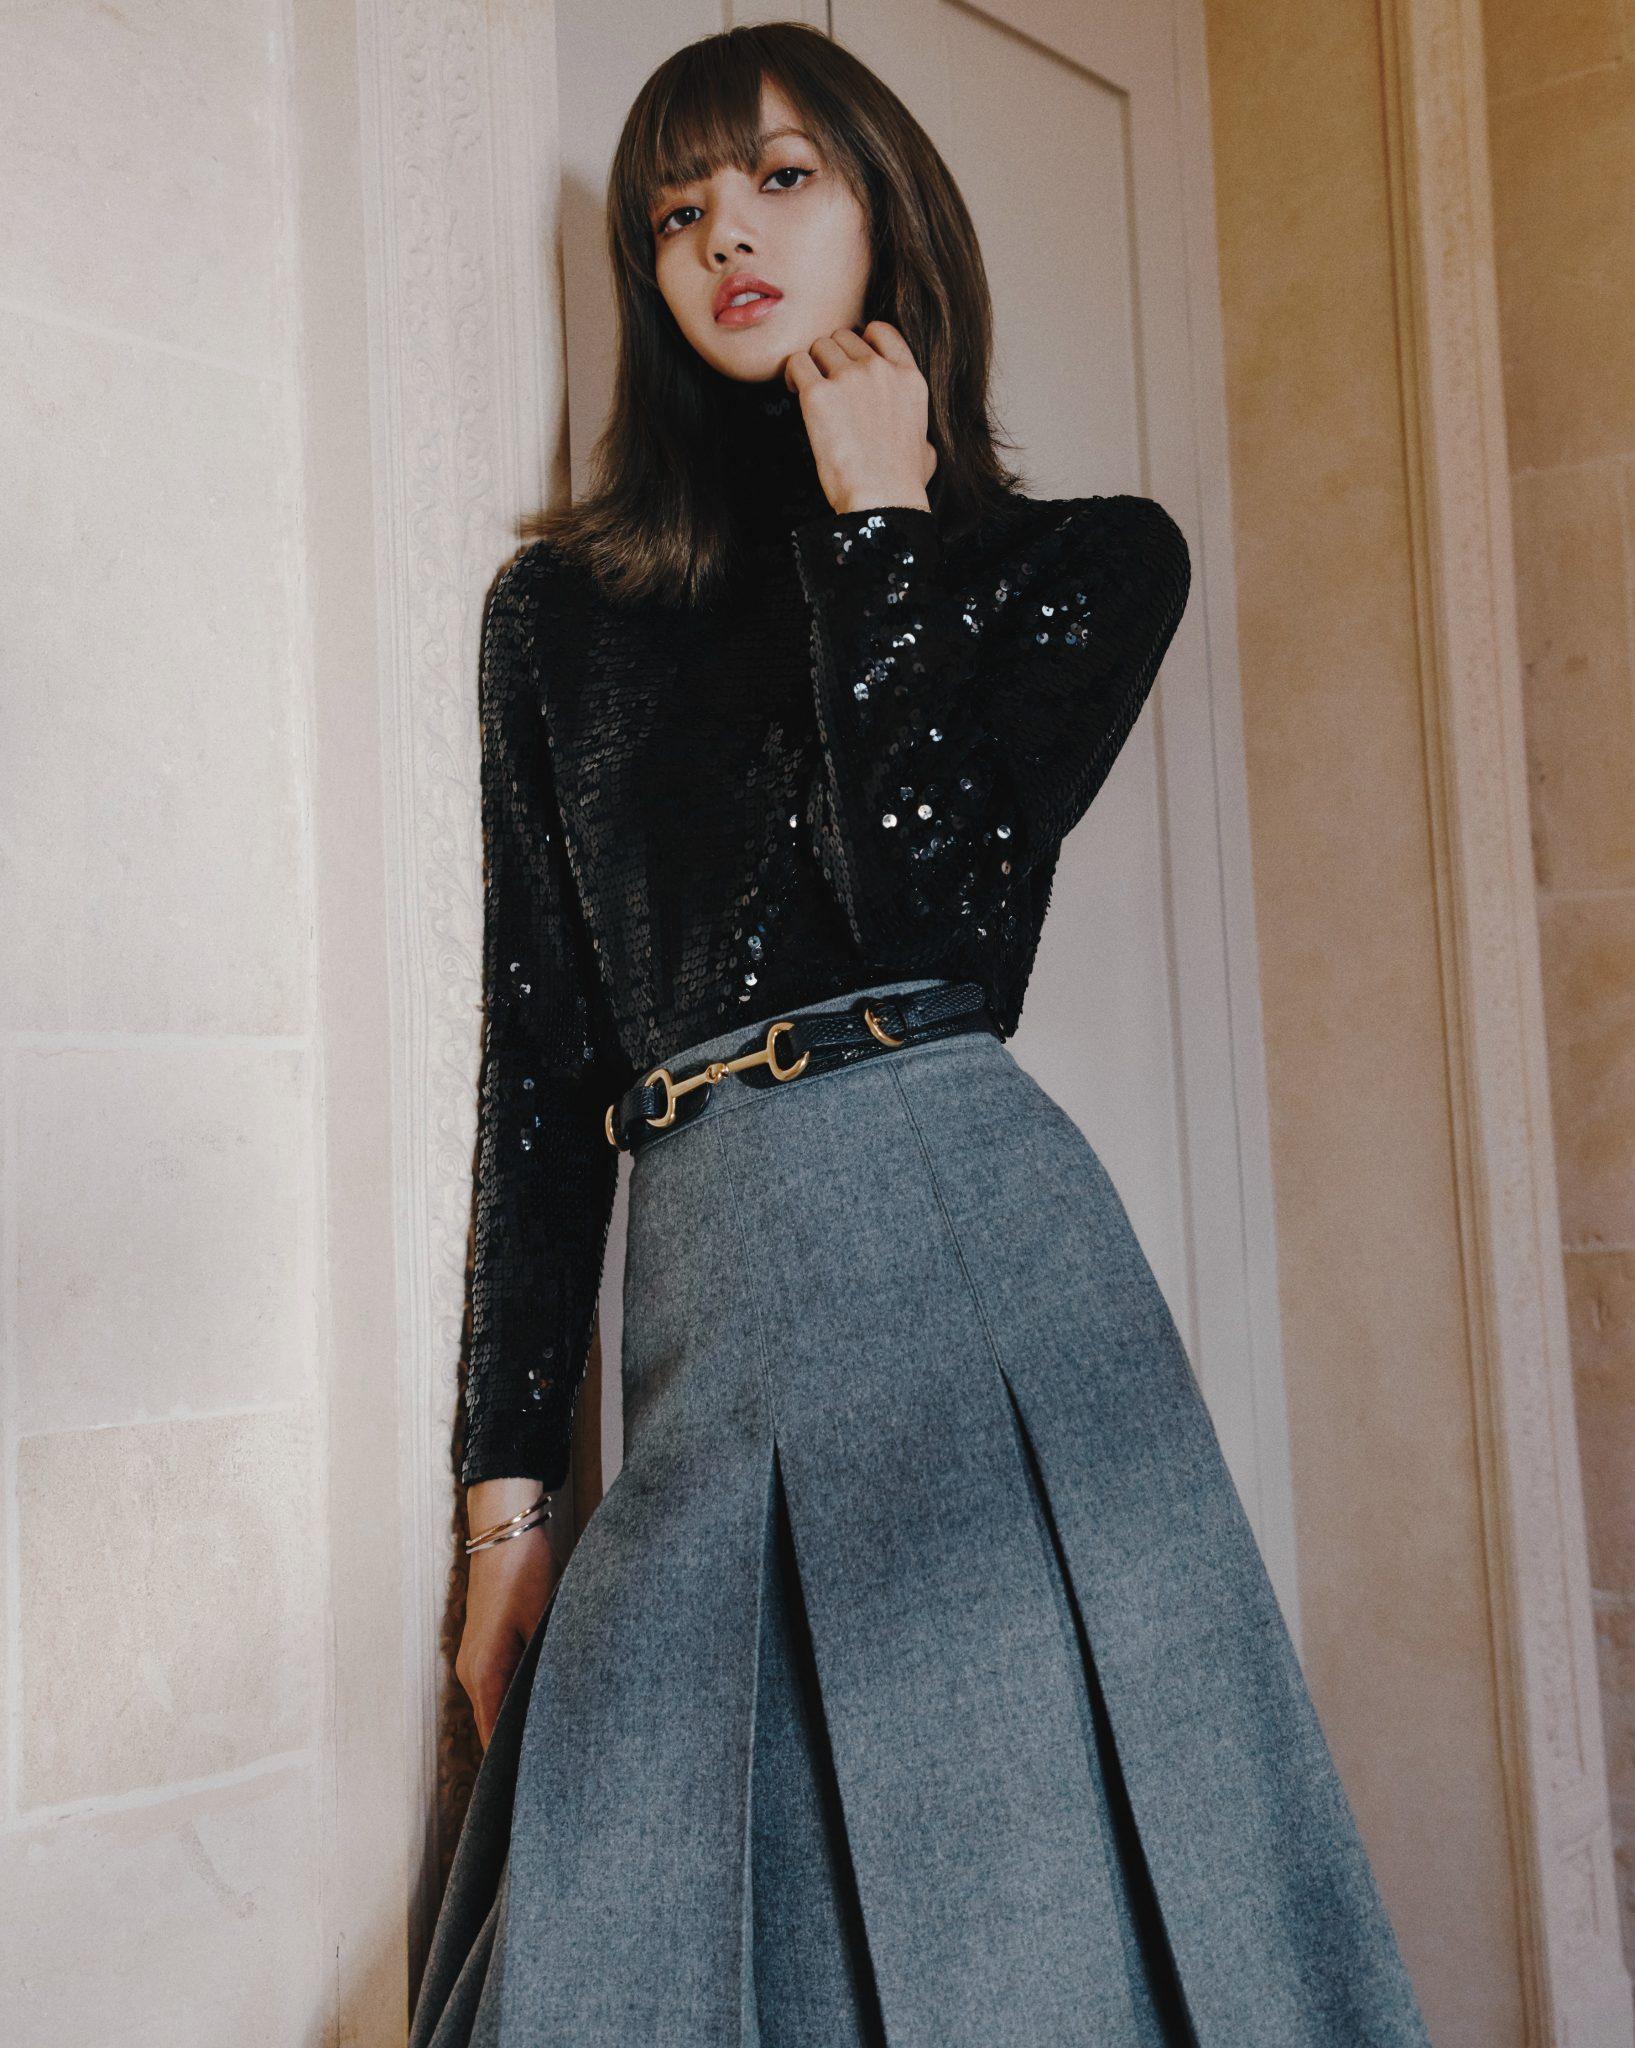 V Exclusive Blackpink S Lisa Manoban Models Celine V Magazine